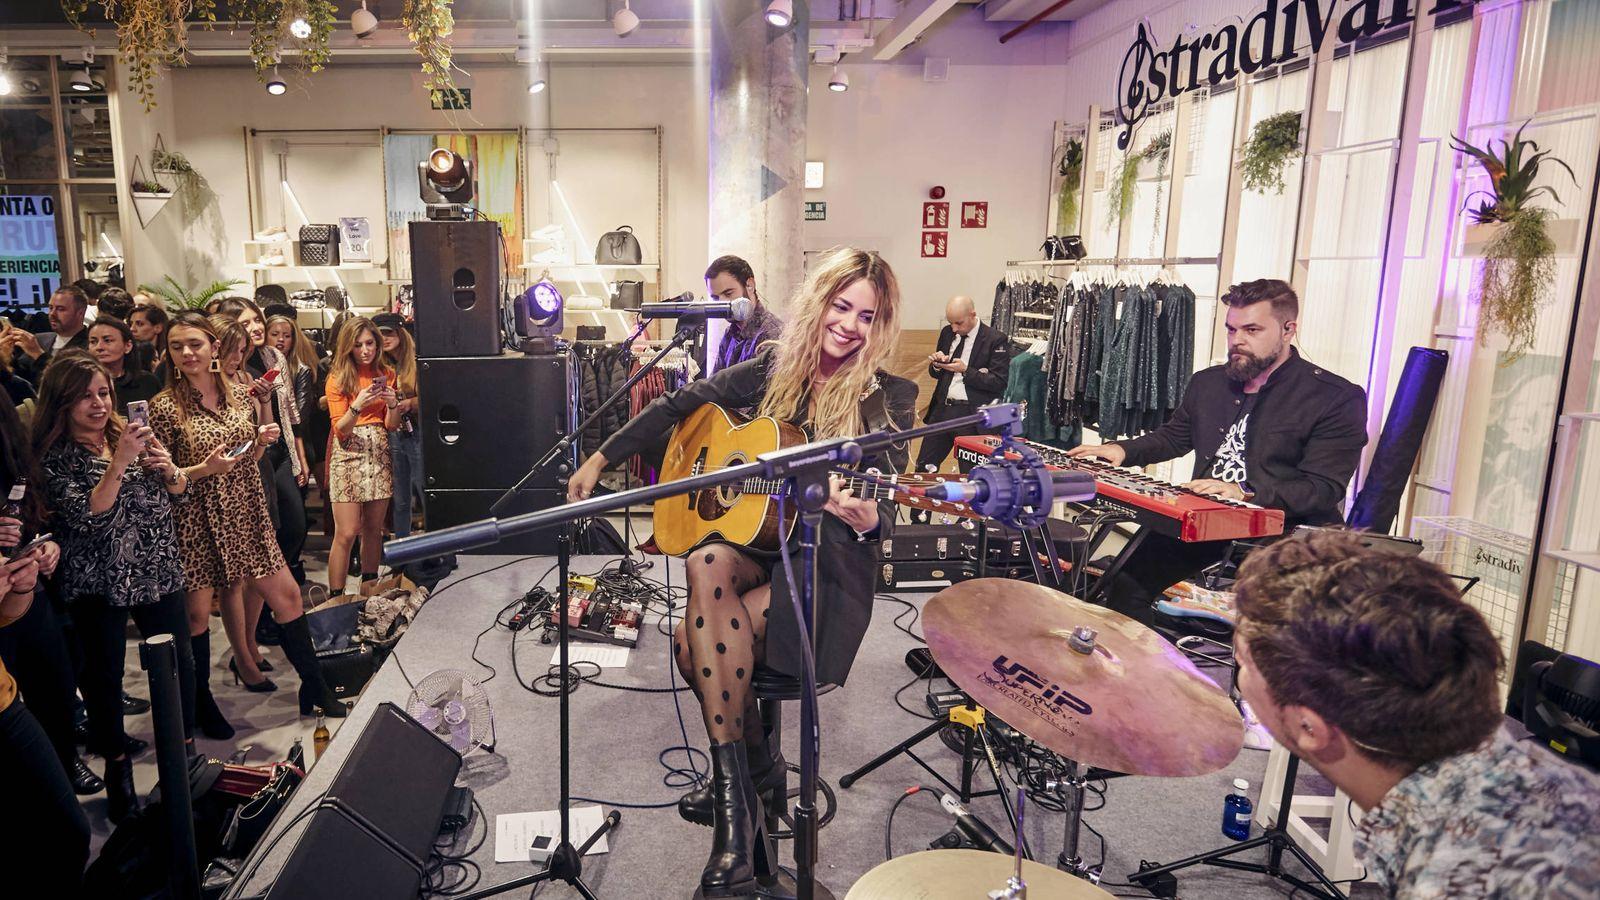 Foto: La cantante Sofía Ellar durante el concierto que ofreció con motivo de la inauguración de la tienda. (Imagen: Stradivarius)